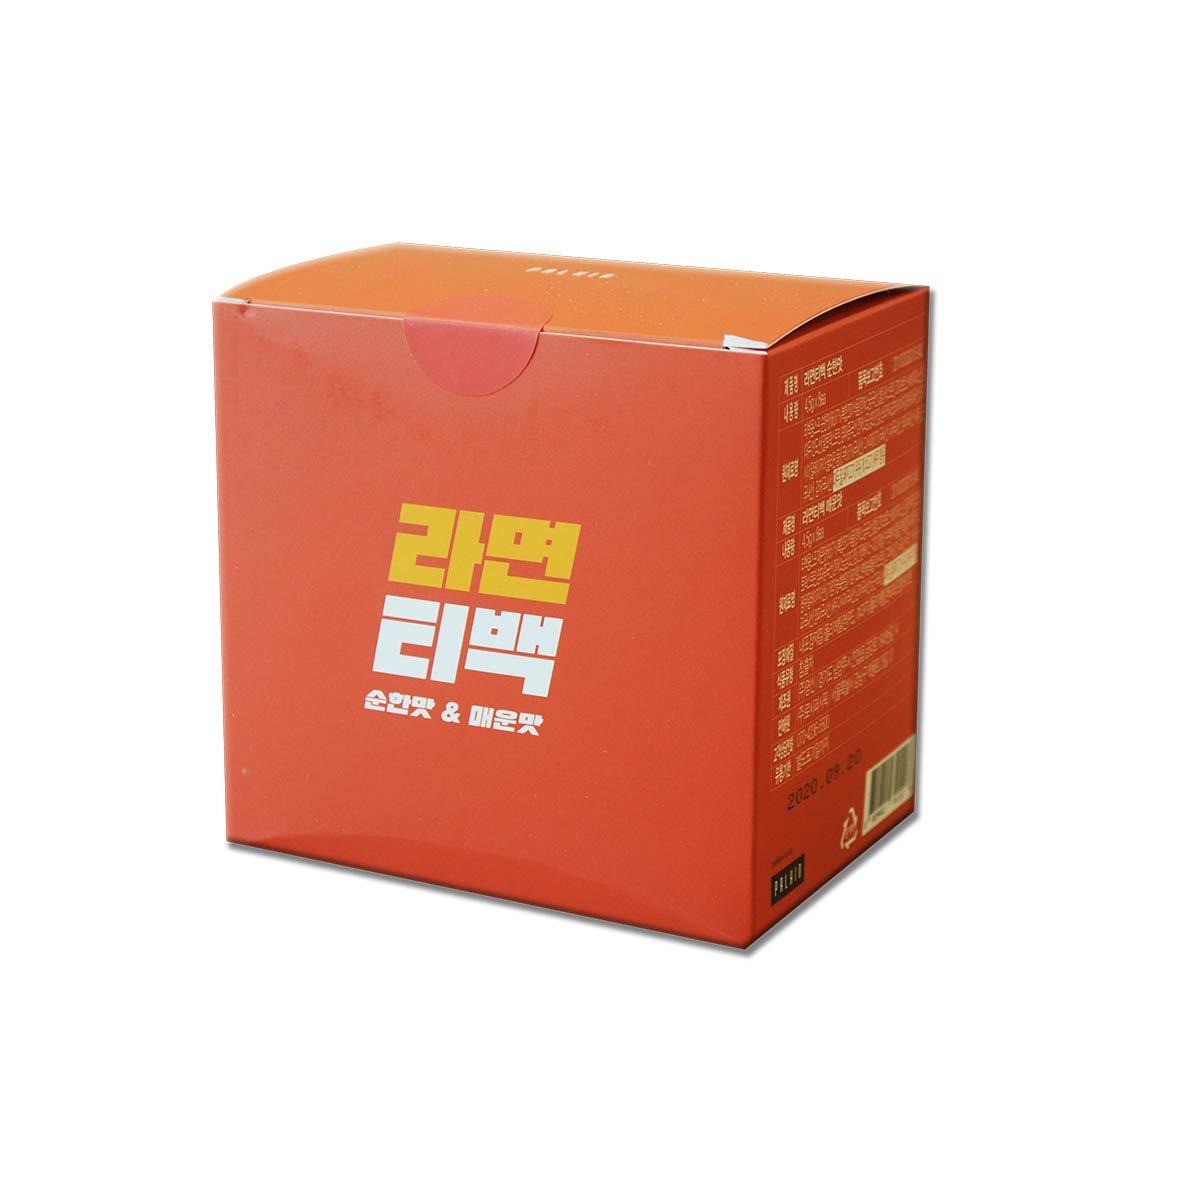 [Palkin] Korea Ramen Tea Bag 16ea (8 hot&spicy flavors + 8 mild flavors) / Korean food / Korean tea / Korean Ramen / Would you like a cup of ramen? (overseas direct shipment)